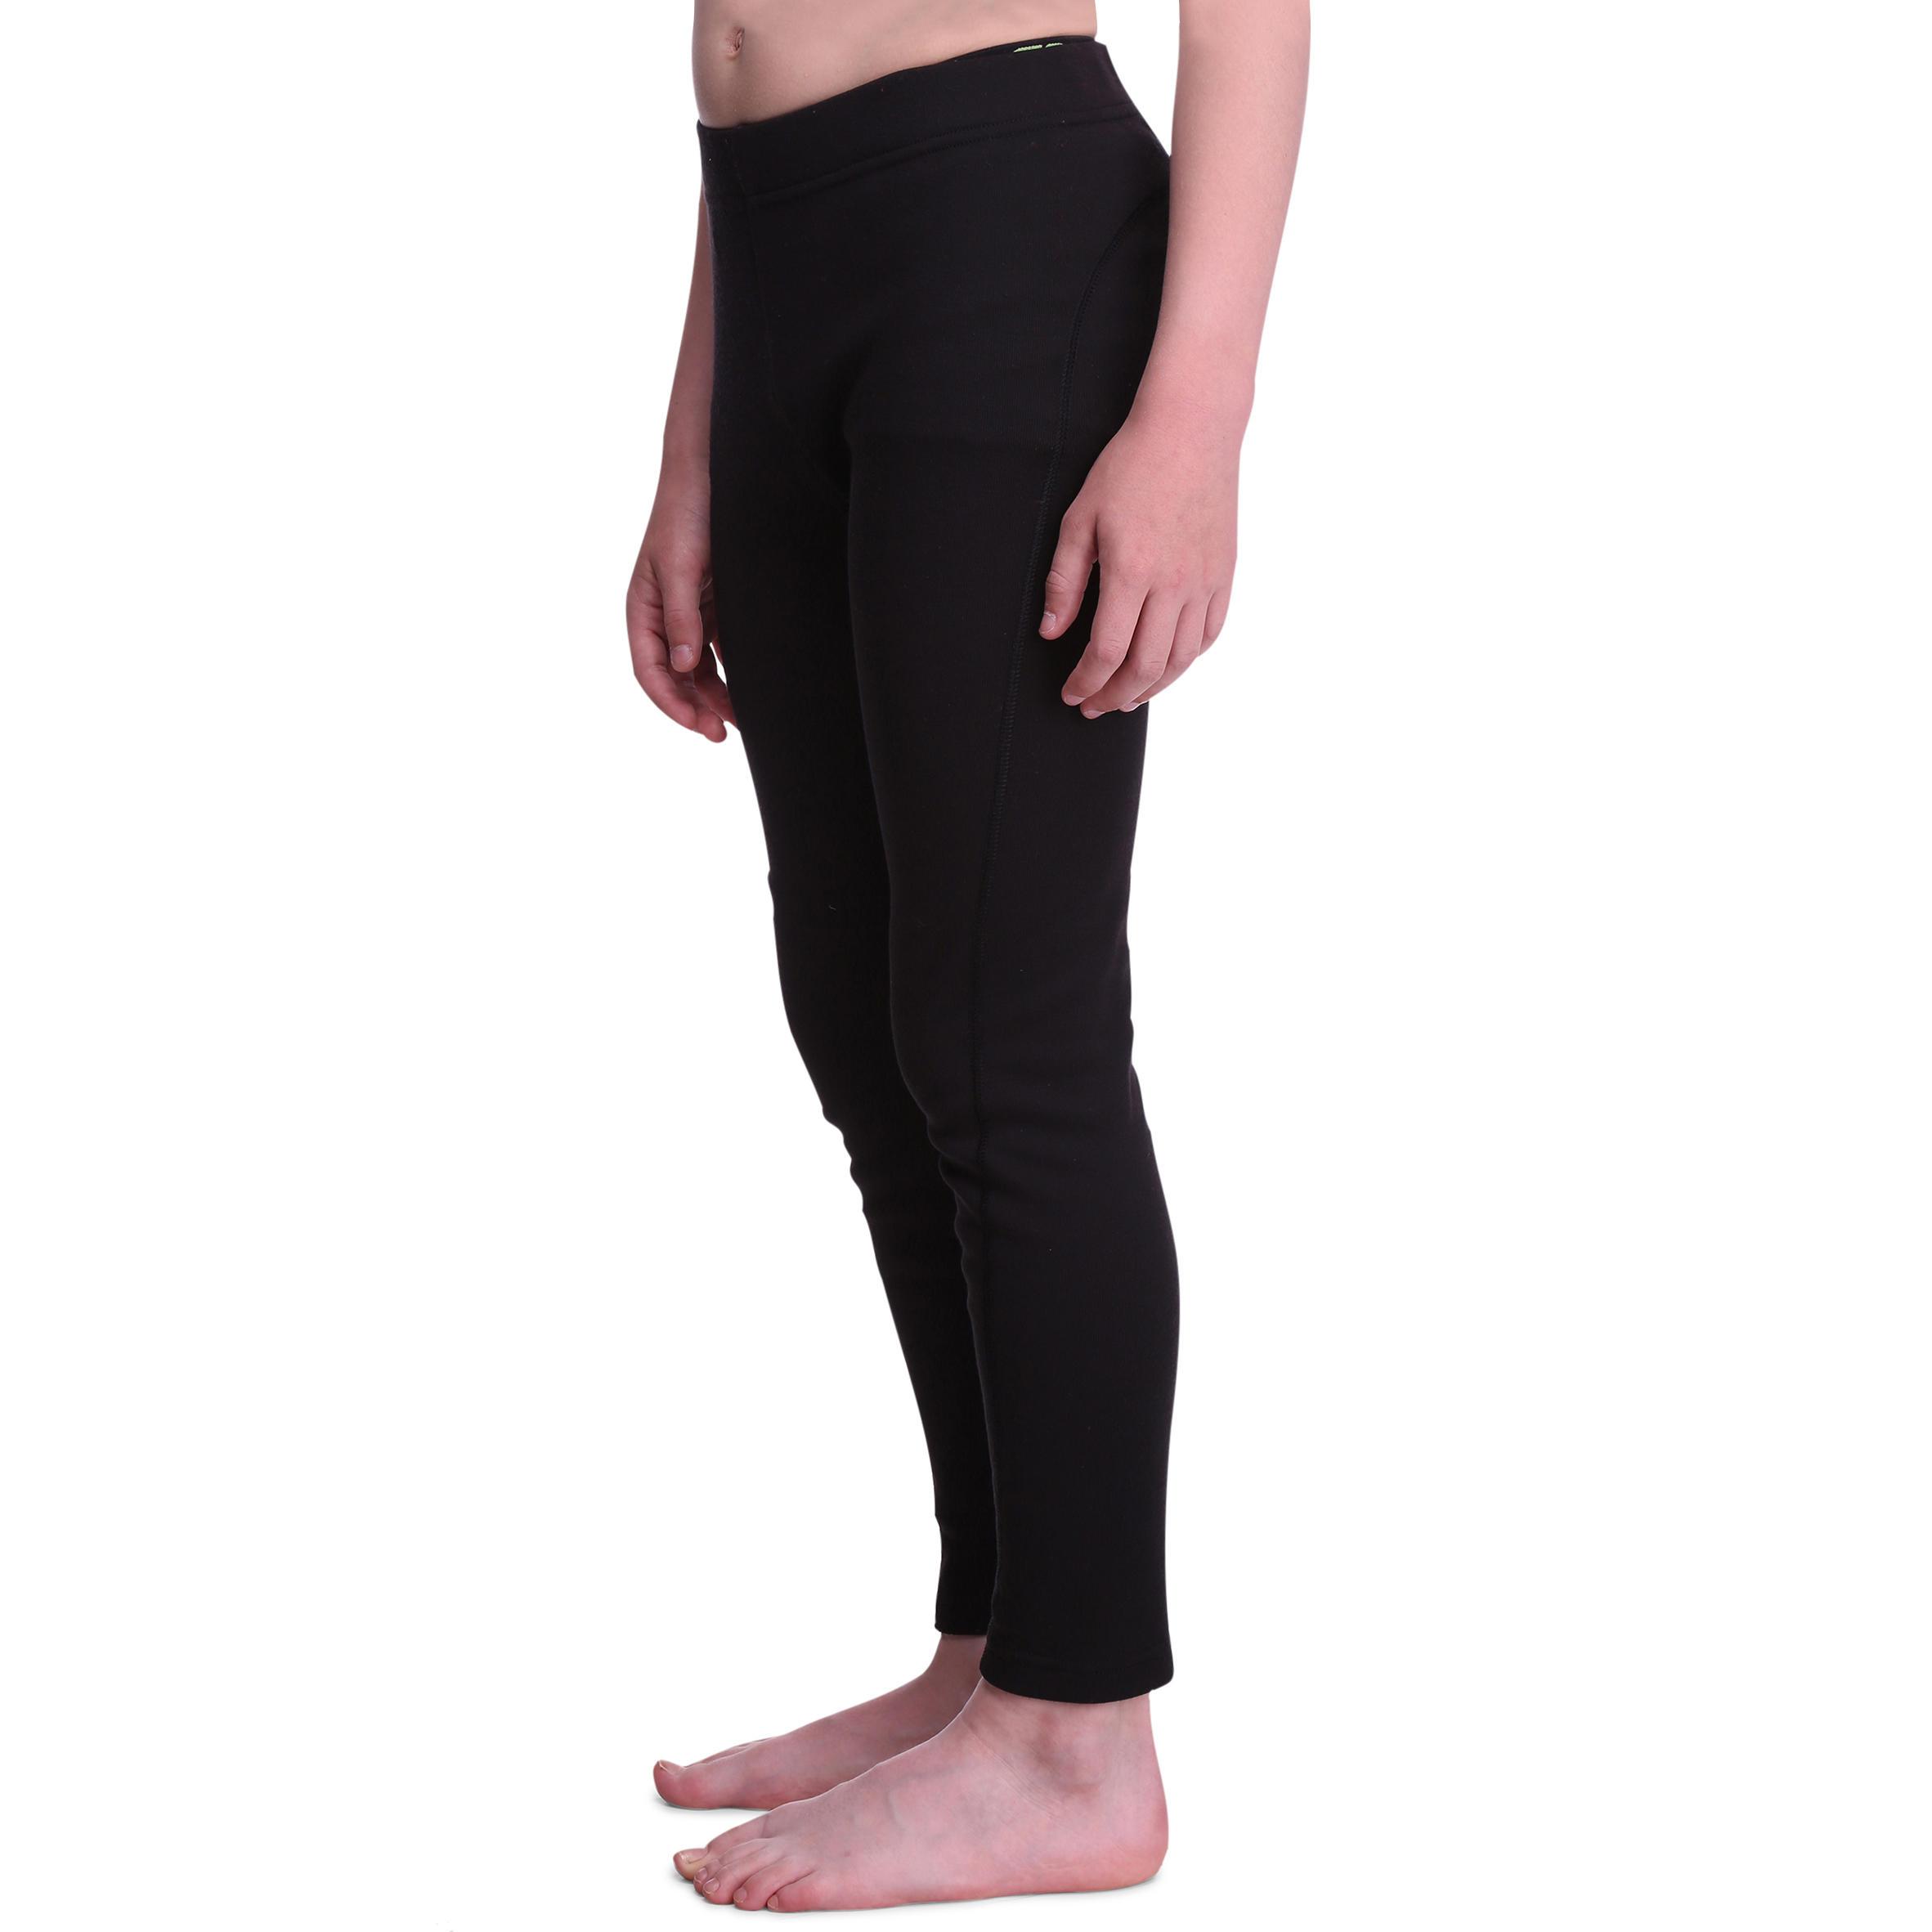 กางเกงตัวในเด็กสำหรับใส่เล่นสกีเด็กรุ่น 100 (สีดำ)